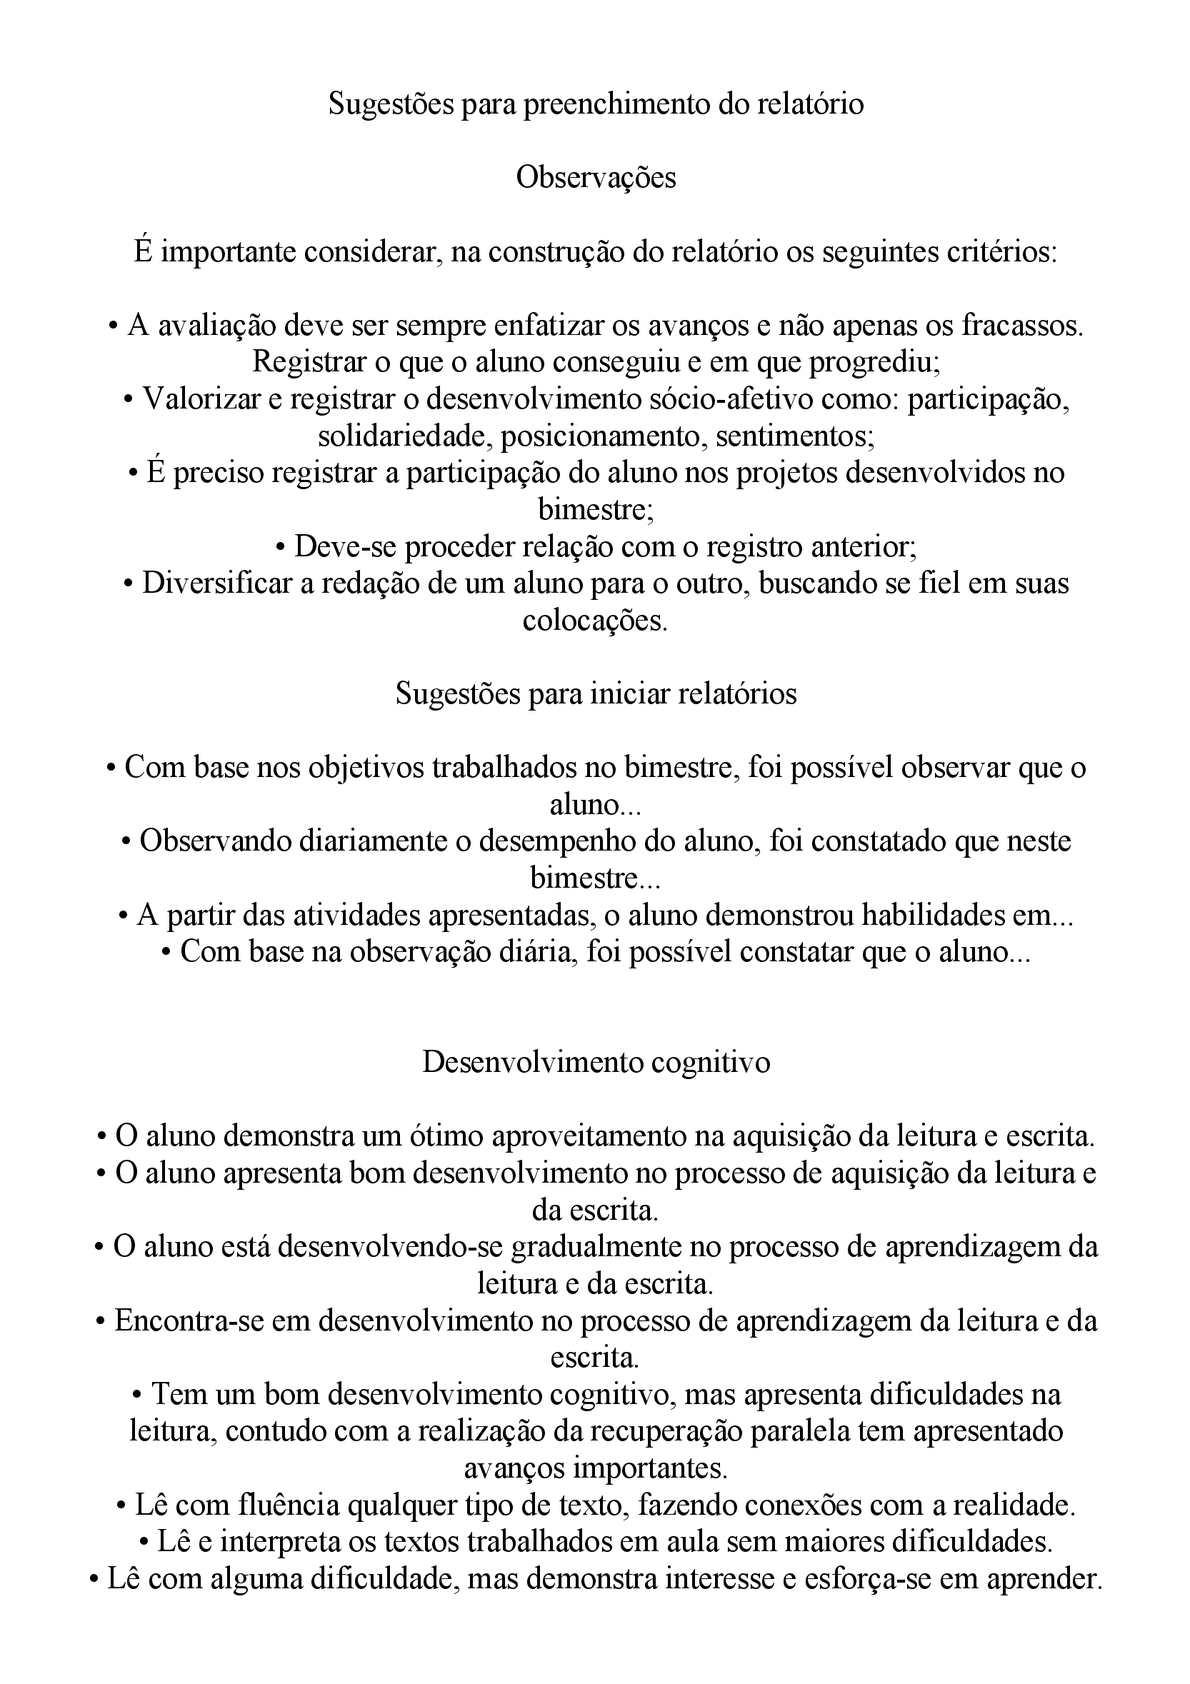 Super Calaméo - Sugestão para preenchimento de Relatório da Educação  LD89